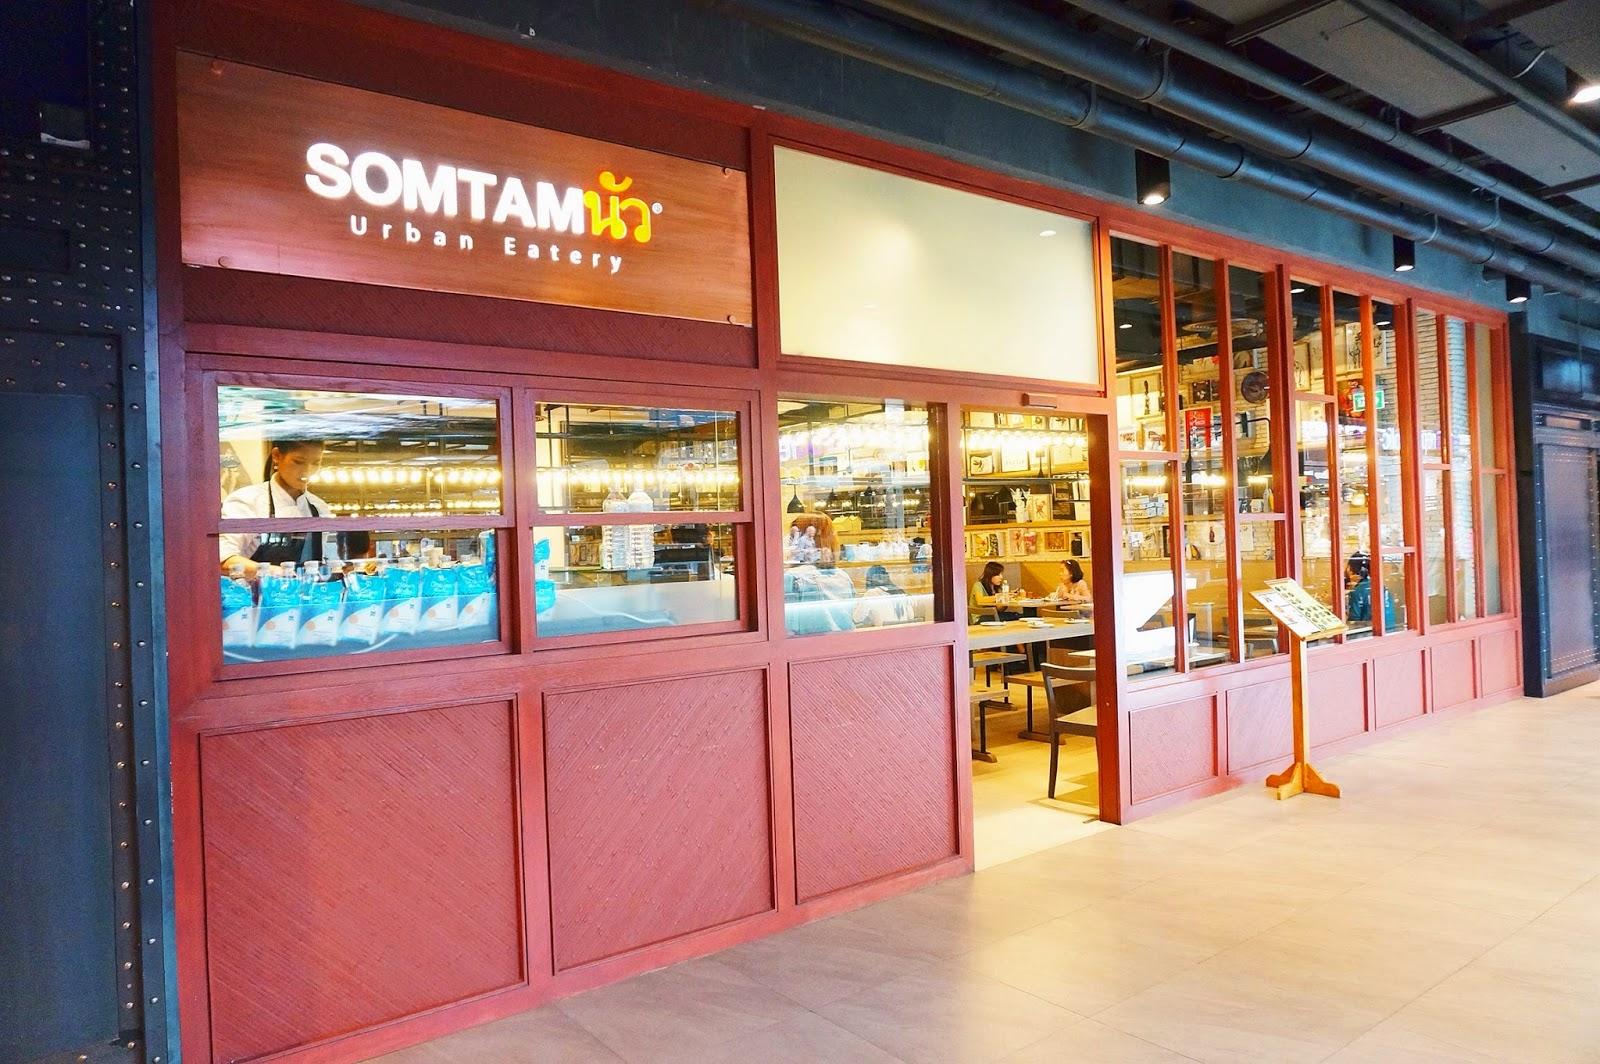 Square One Thai Restaurant